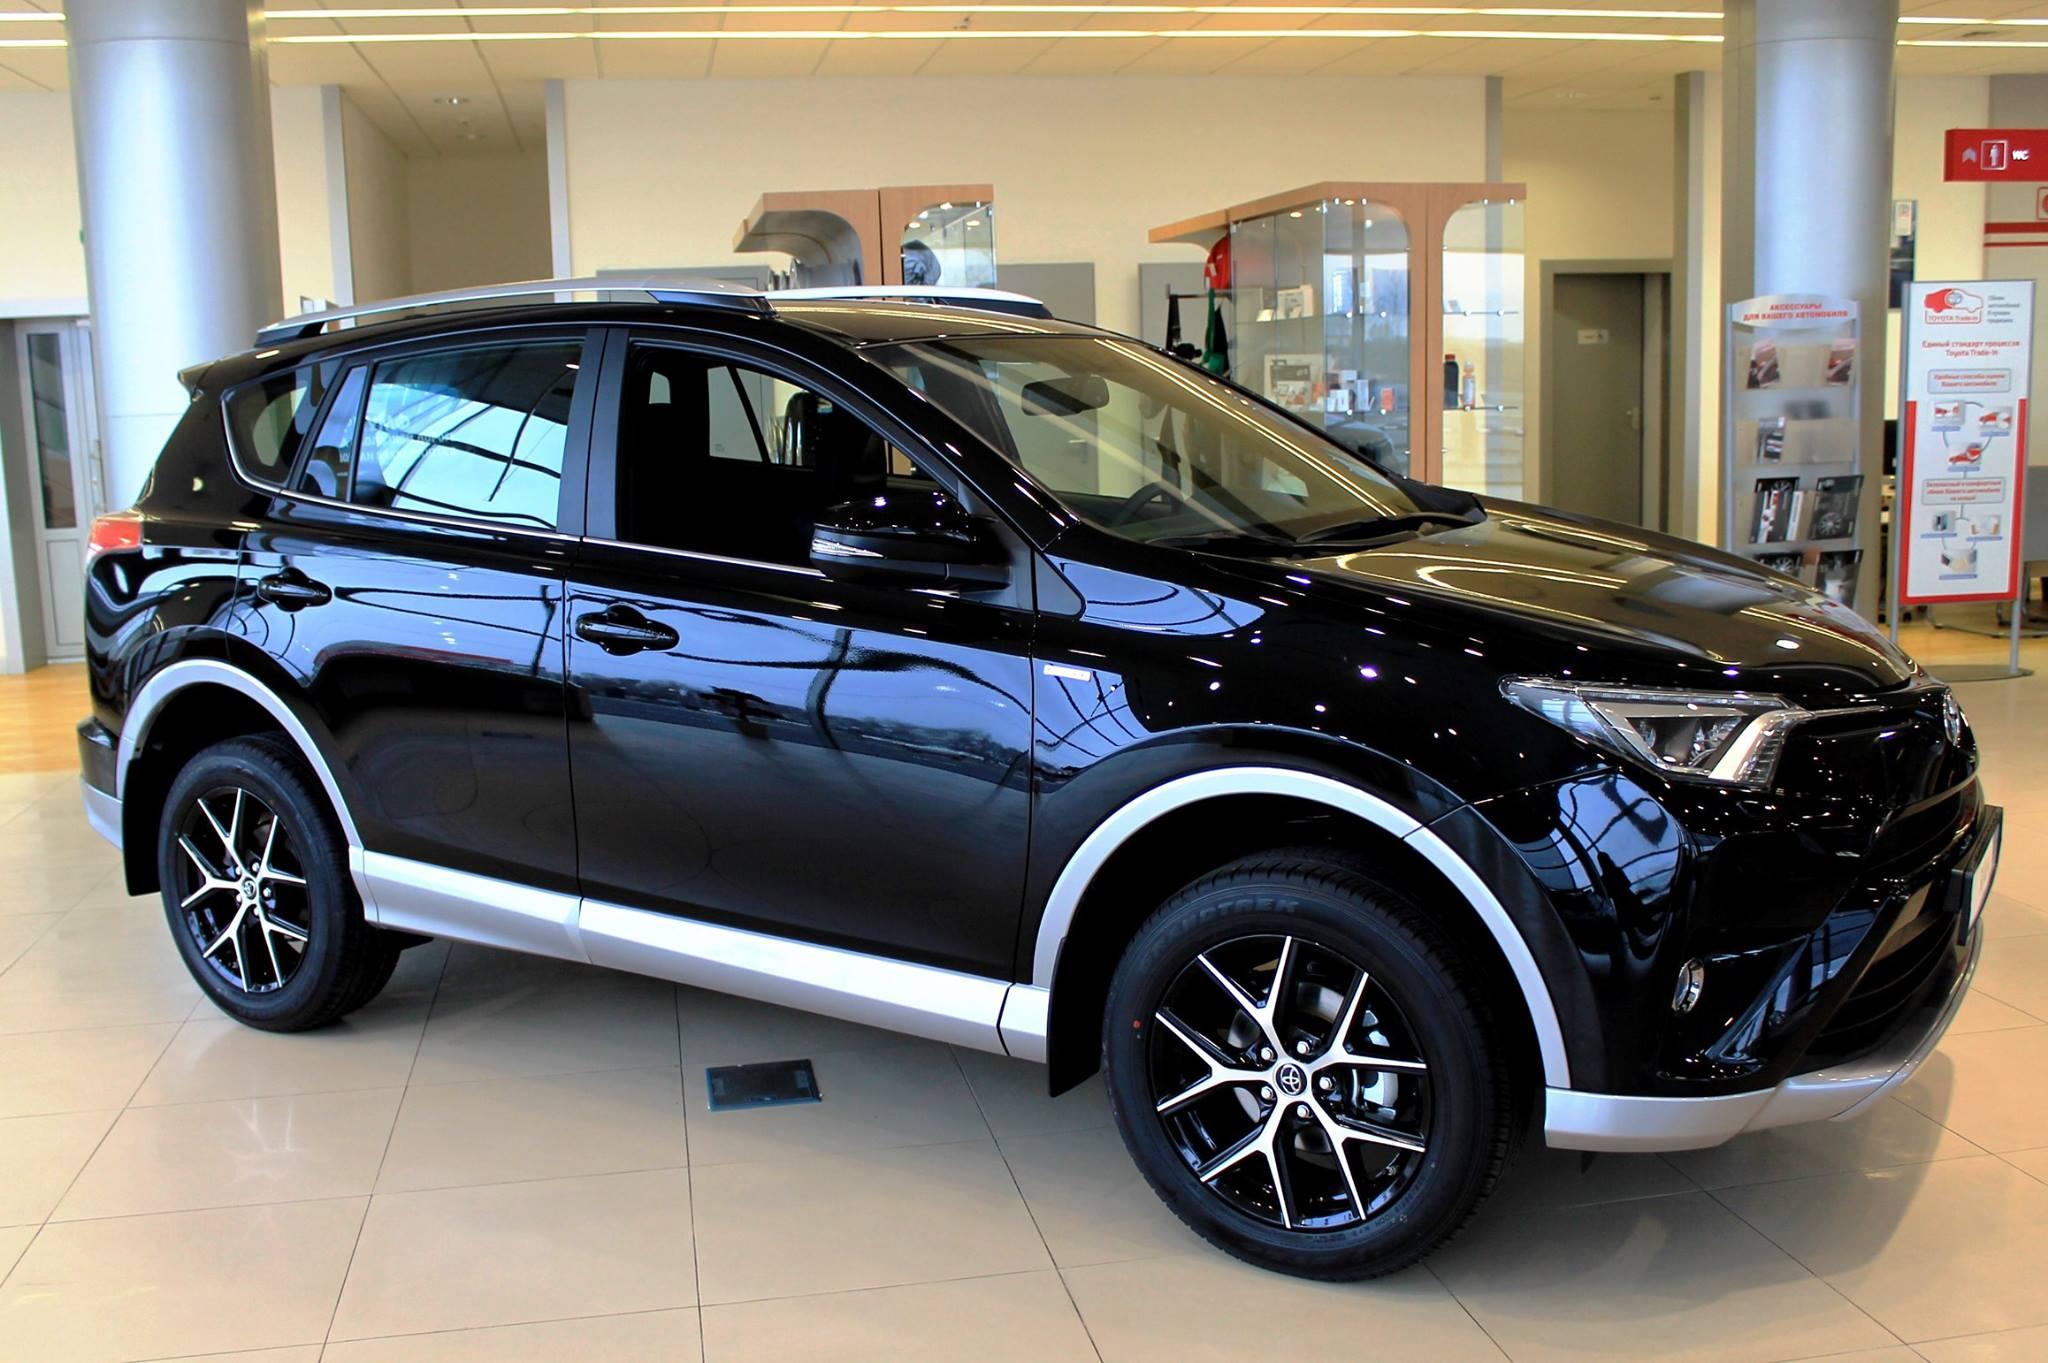 Toyota Rav 4 в наличии в Москве - купить Тойота Rav 4 ...